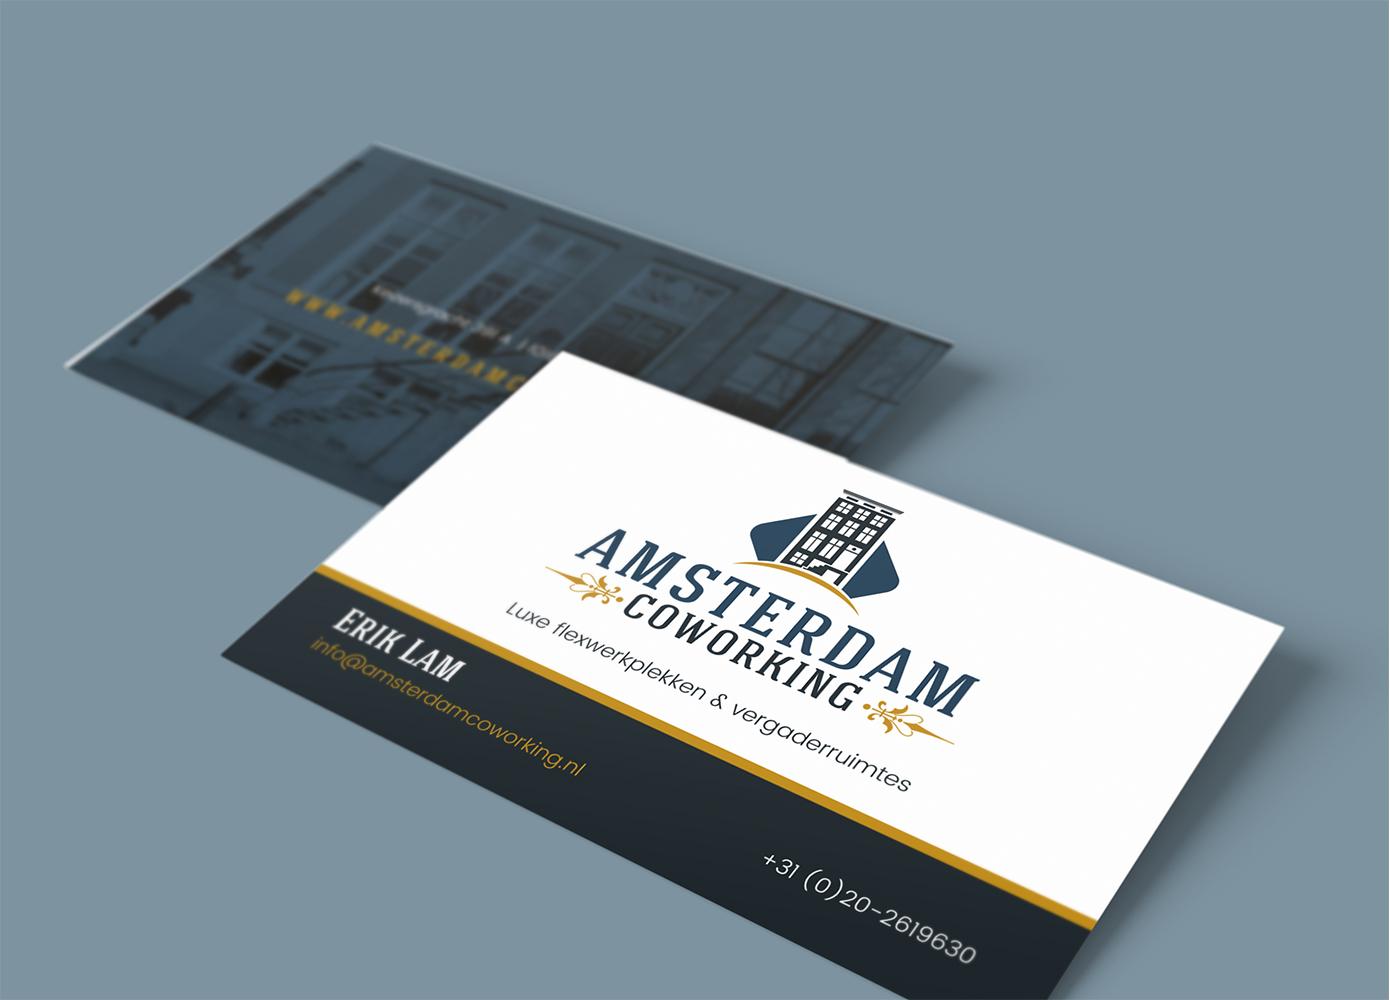 Visitekaart ontwerp Amsterdam Coworking